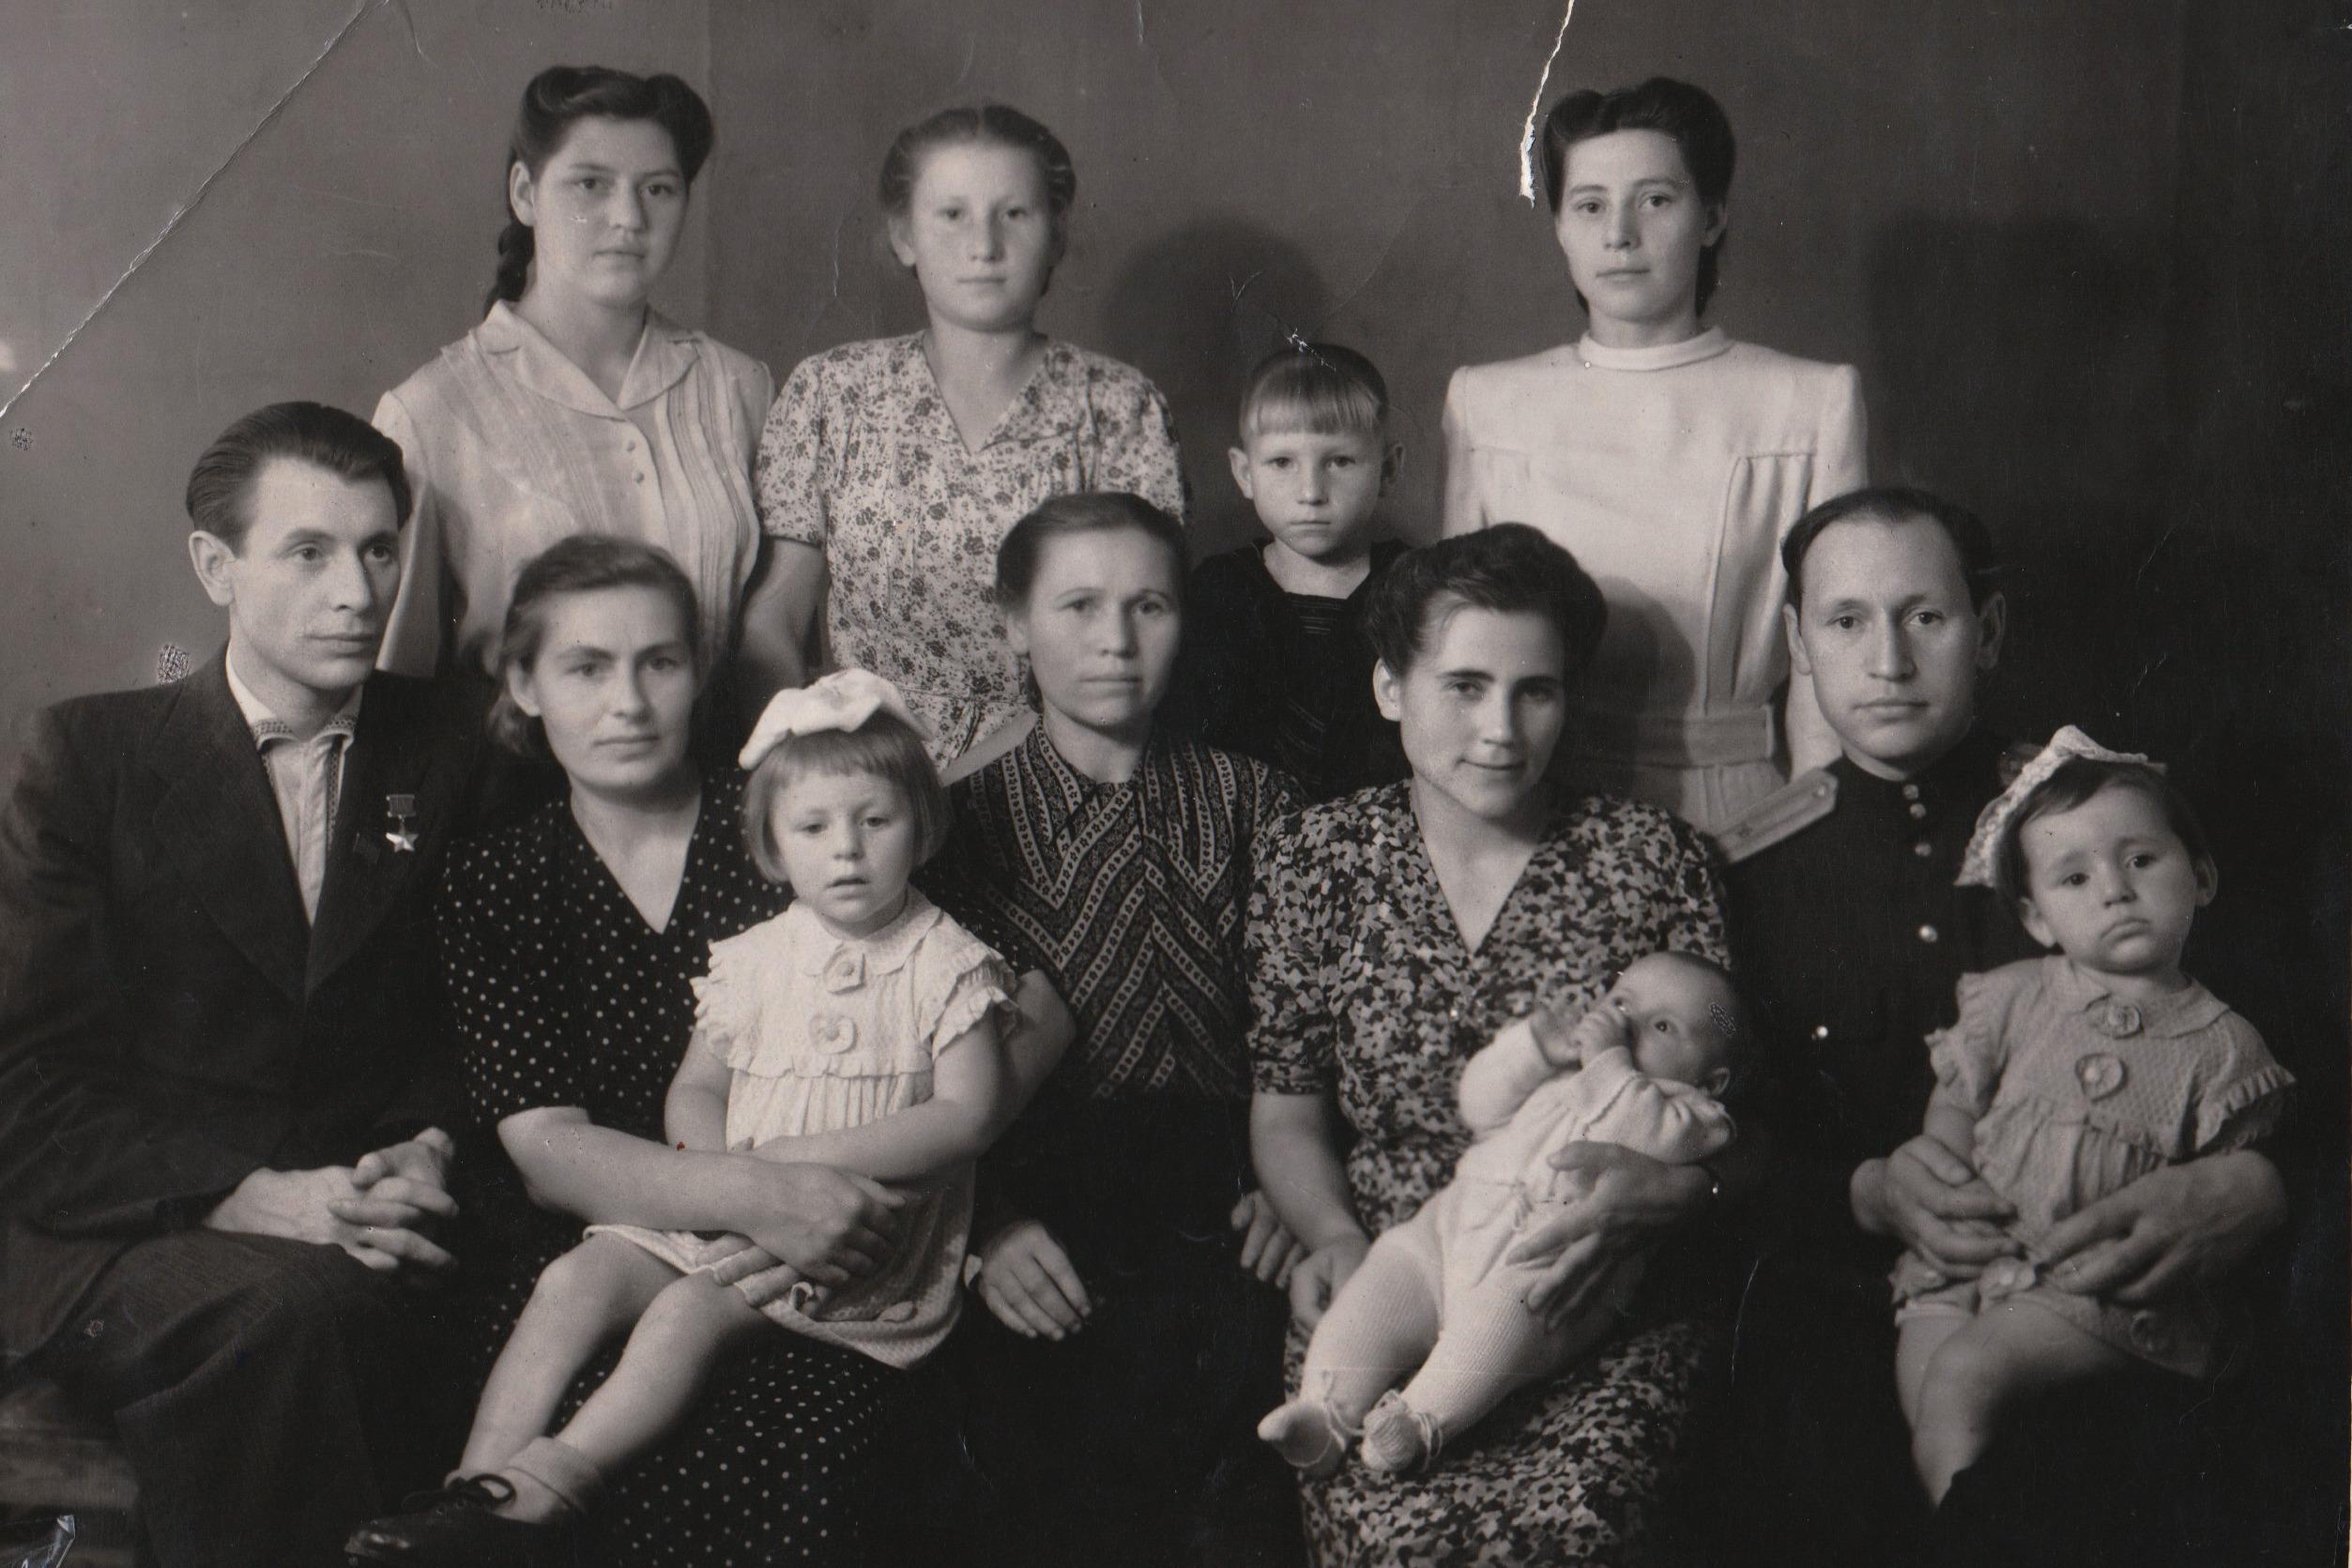 Пётр Машеров с женой Полиной Андреевной, дочкой Наташей (на коленях матери рядом с отцом) и другими родственниками